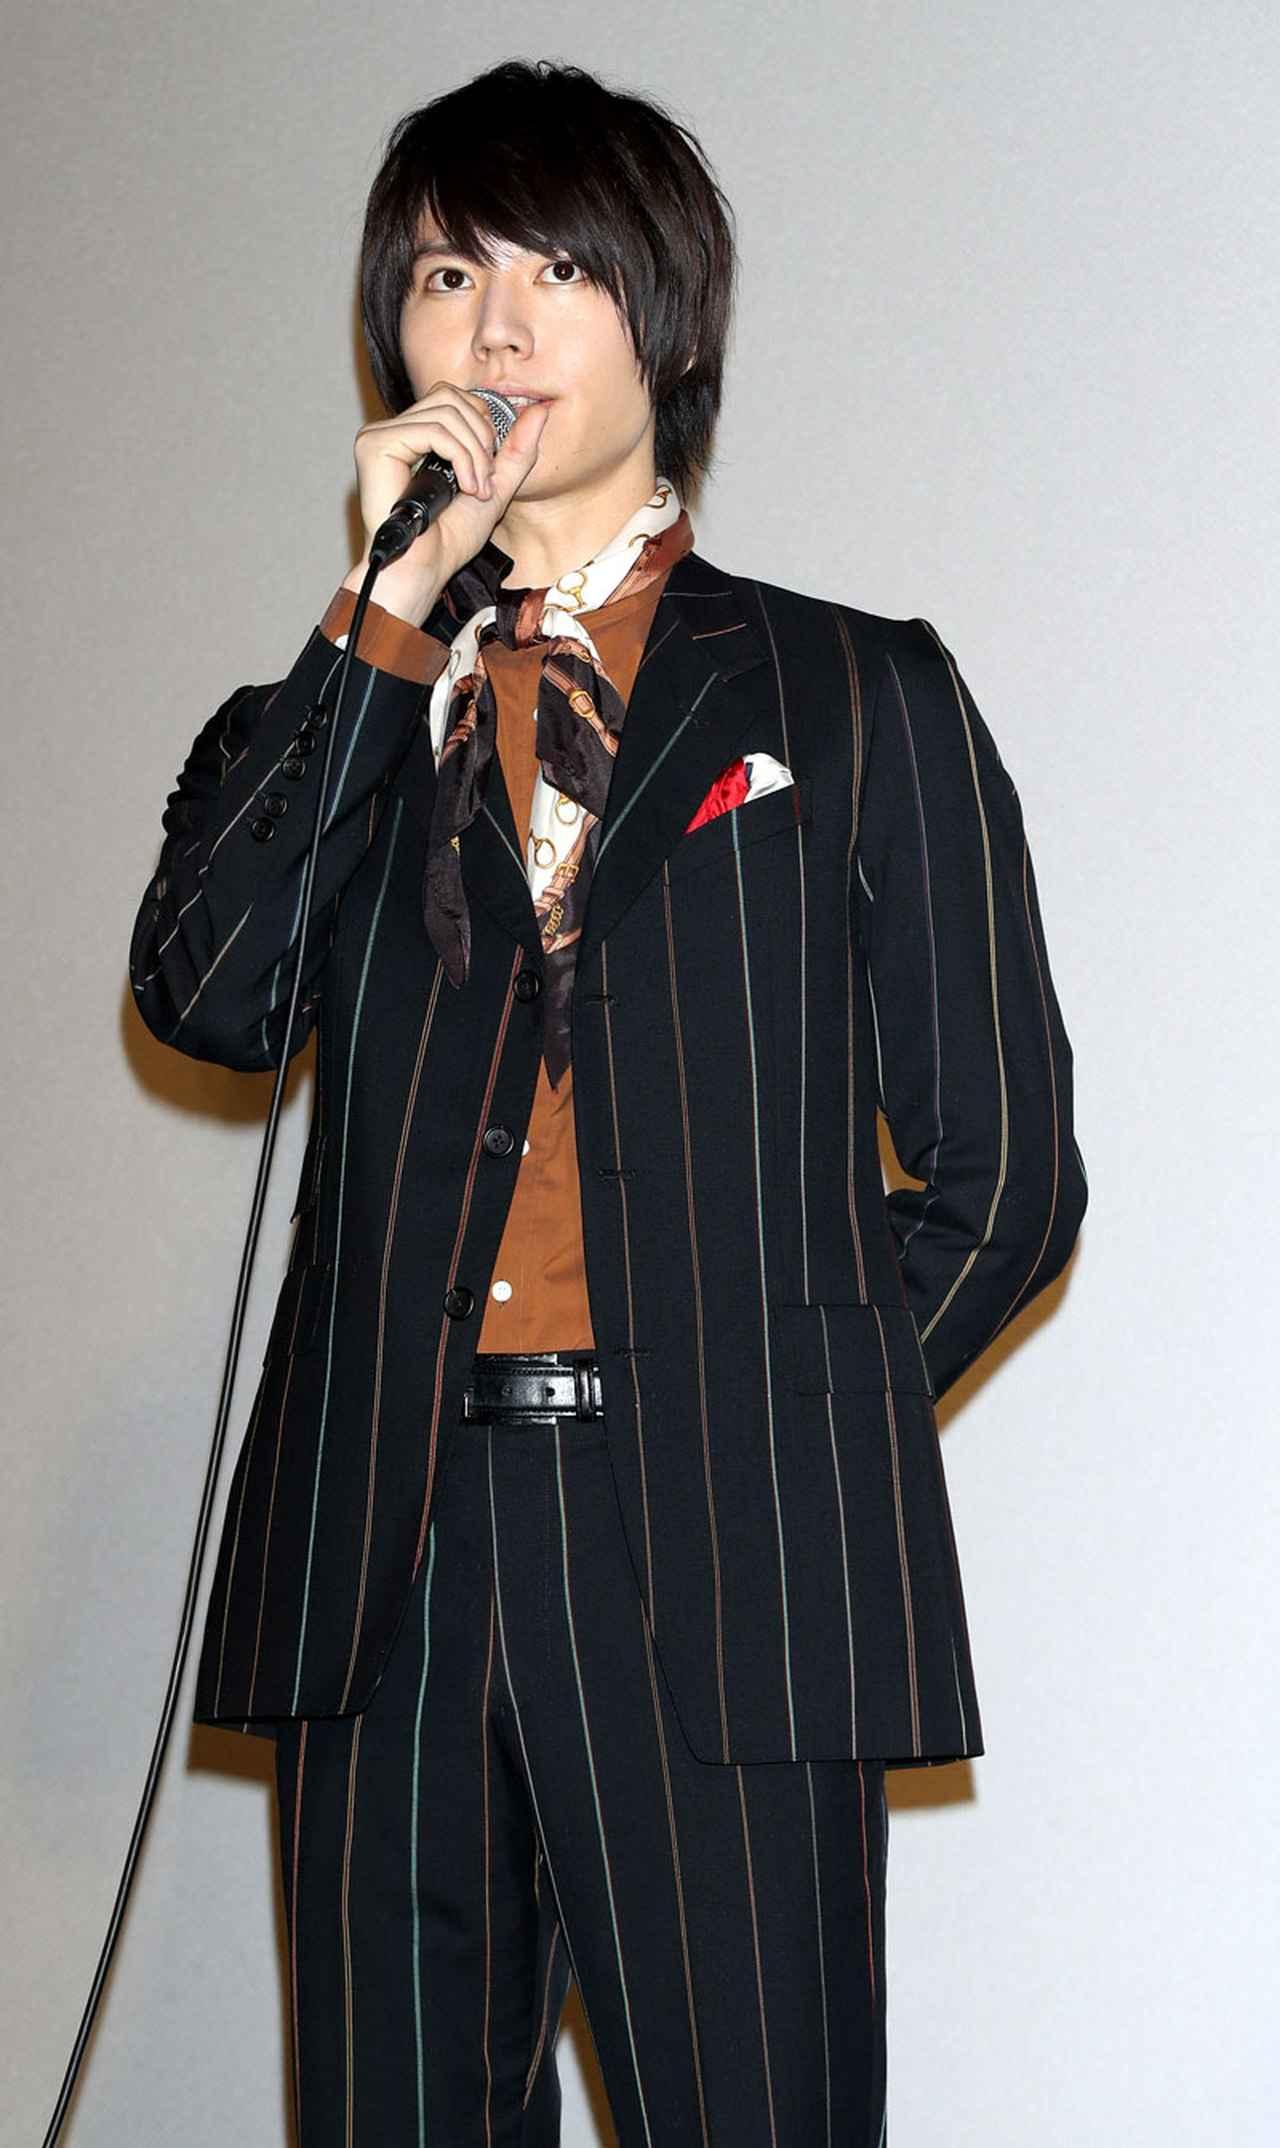 Images : 7番目の画像 - 「伊原六花/初主演ドラマ「明治東京恋伽」の完成披露開催。「原作の世界観をそのまま映像化しています、たくさんの方に愛してほしい」」のアルバム - Stereo Sound ONLINE